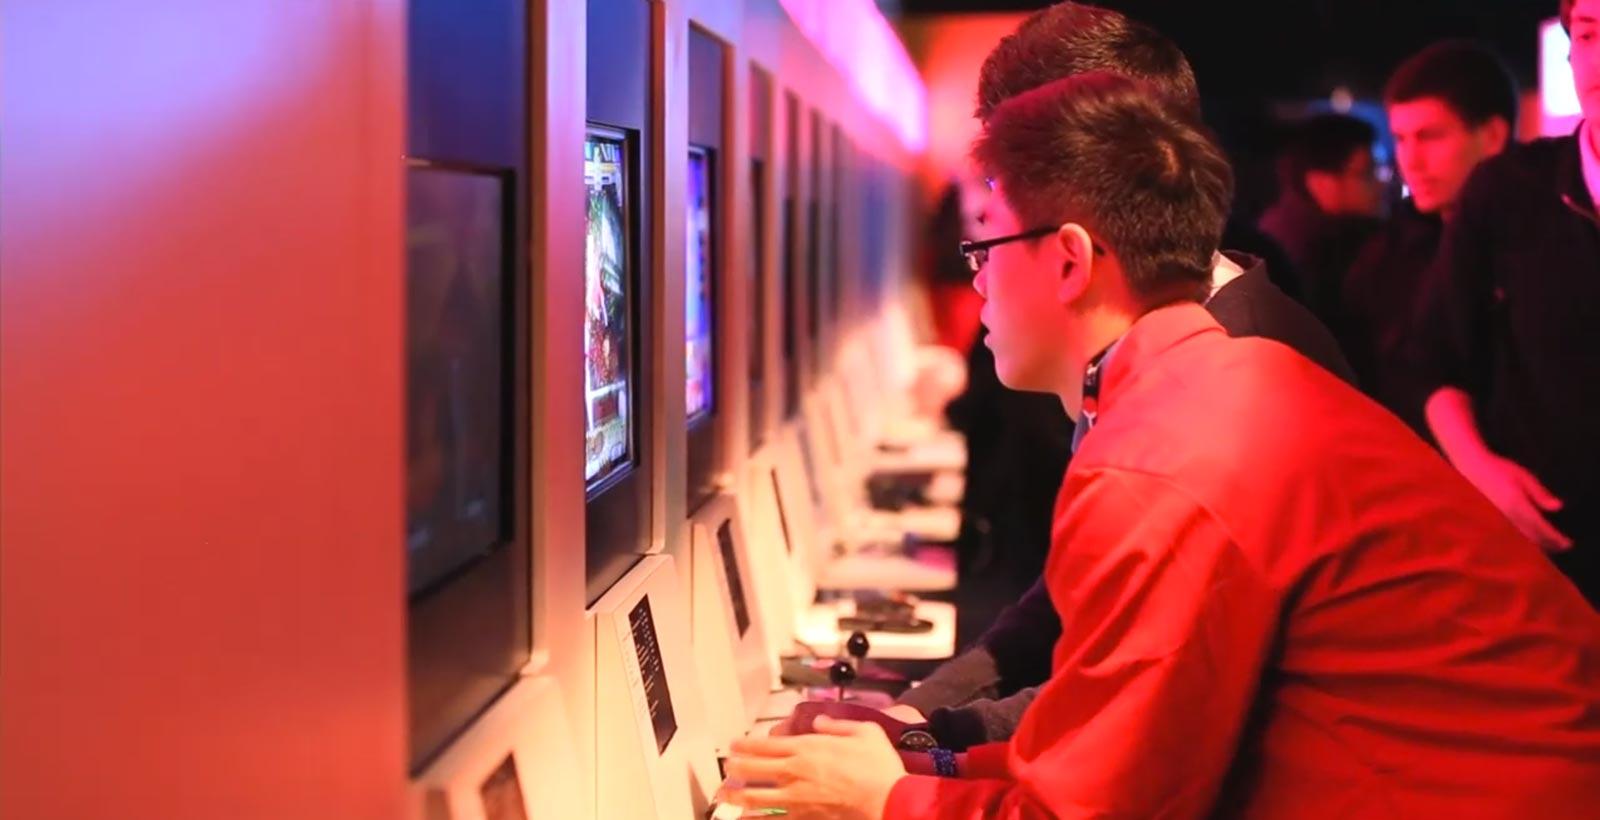 Un aperçu de l'exposition Game On 2.0 de Toronto.